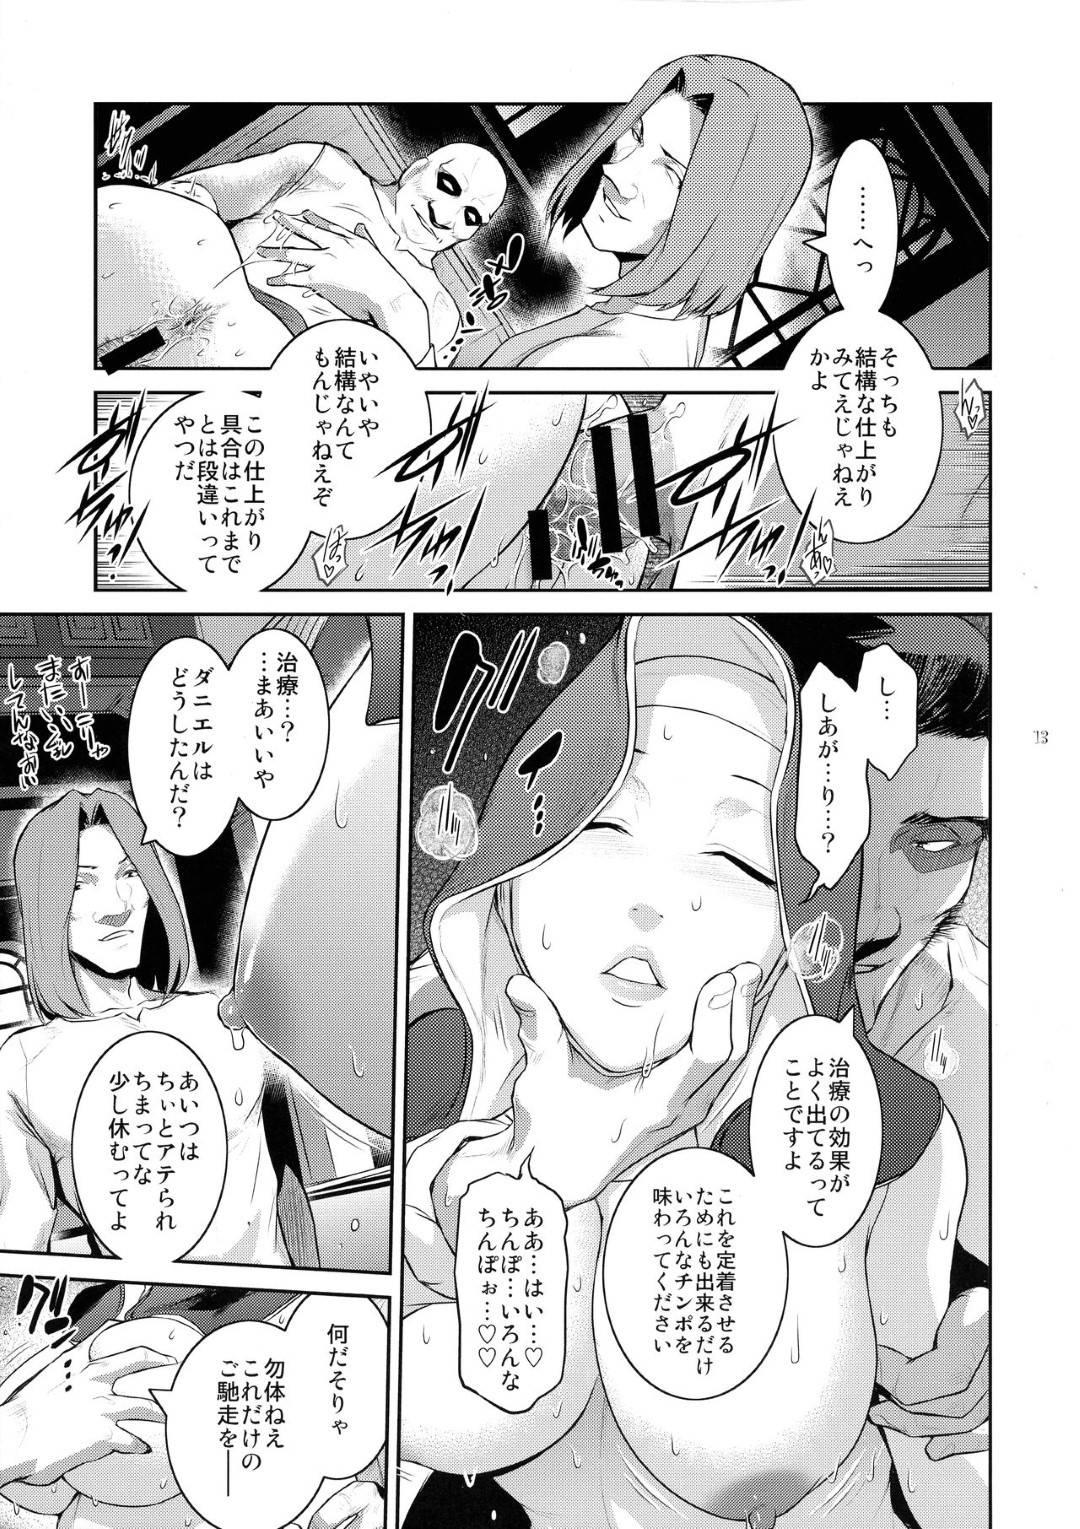 【絶倫女輪姦エロ漫画】絶倫の未亡人とシスターはチンコをおねだりし、輪姦セックスで力尽きるまでアクメさせられる【ここのき奈緒】